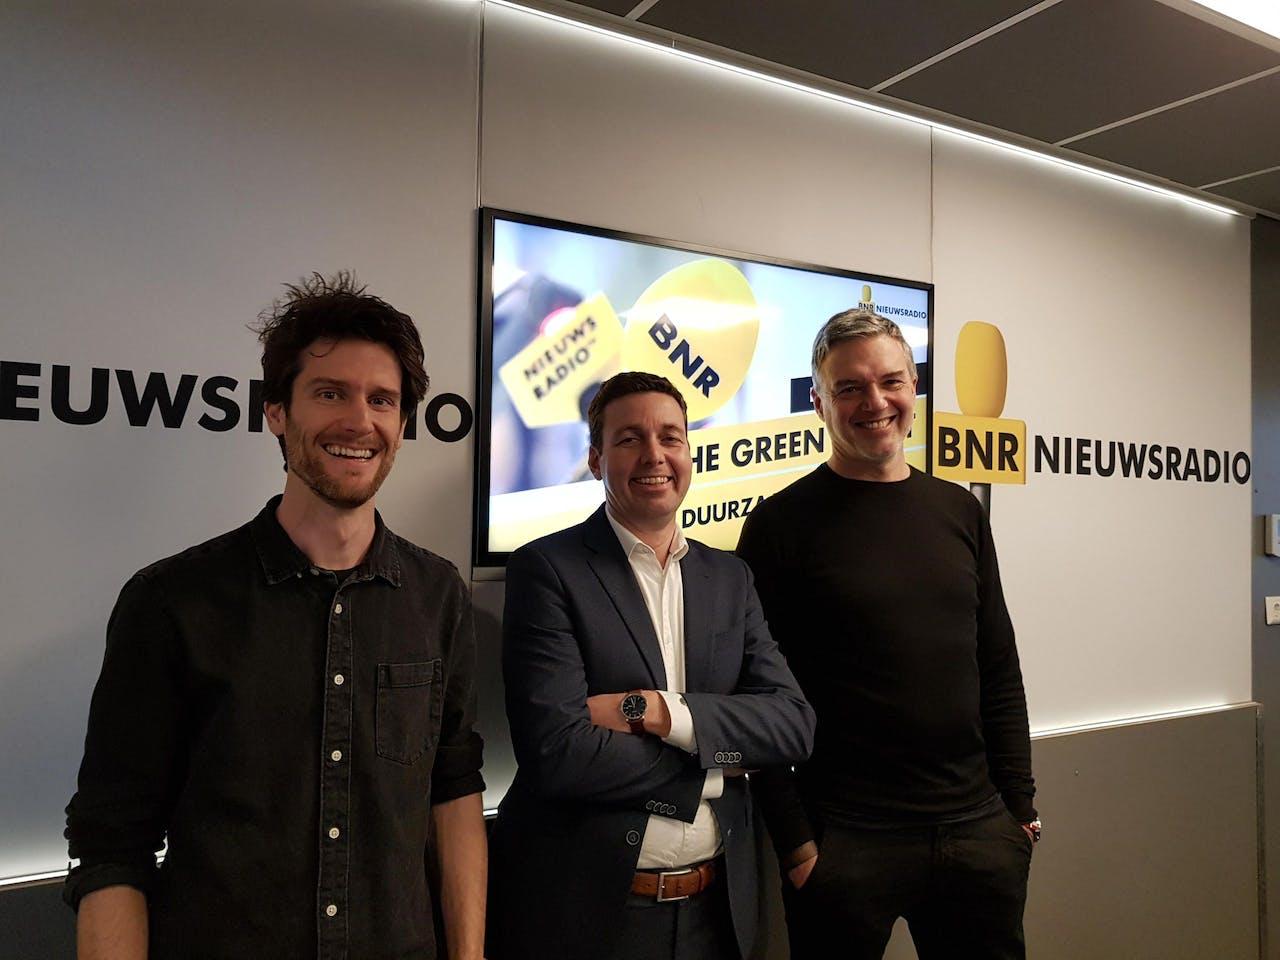 V.l.n.r.: Joep Paulissen, Erwin ten Brincke en Paul Laseur.